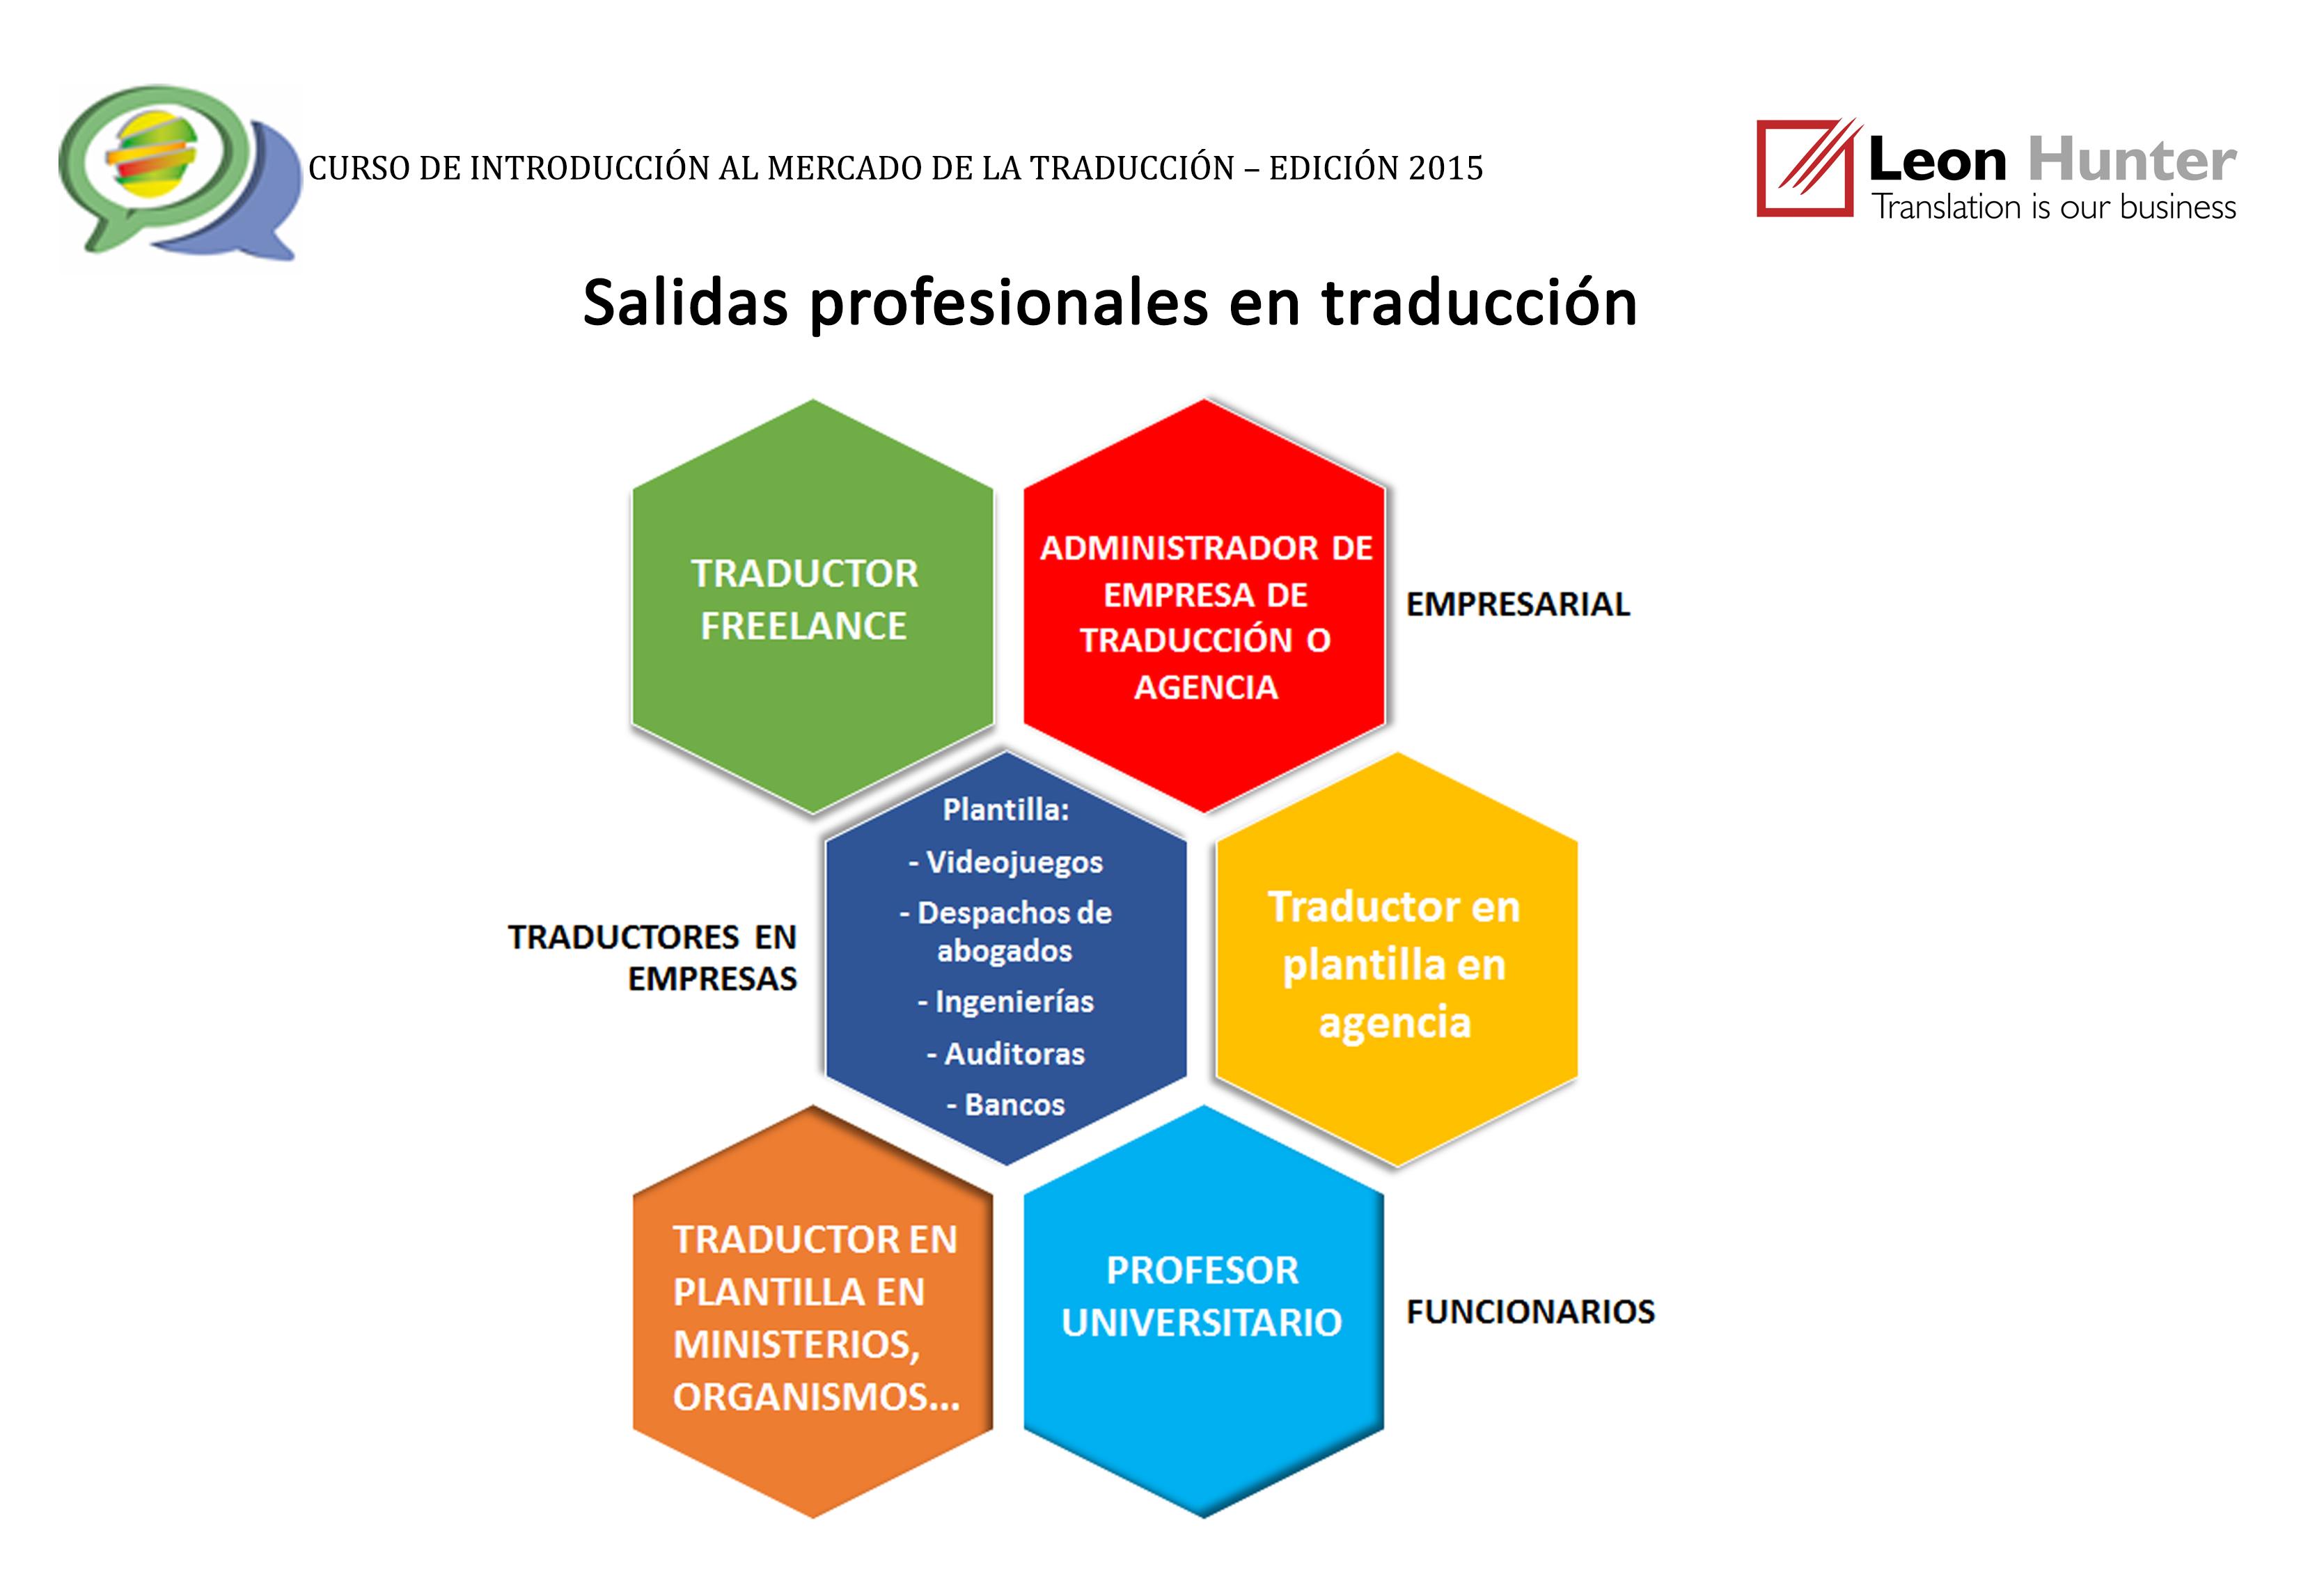 Salidas laborales en traducción